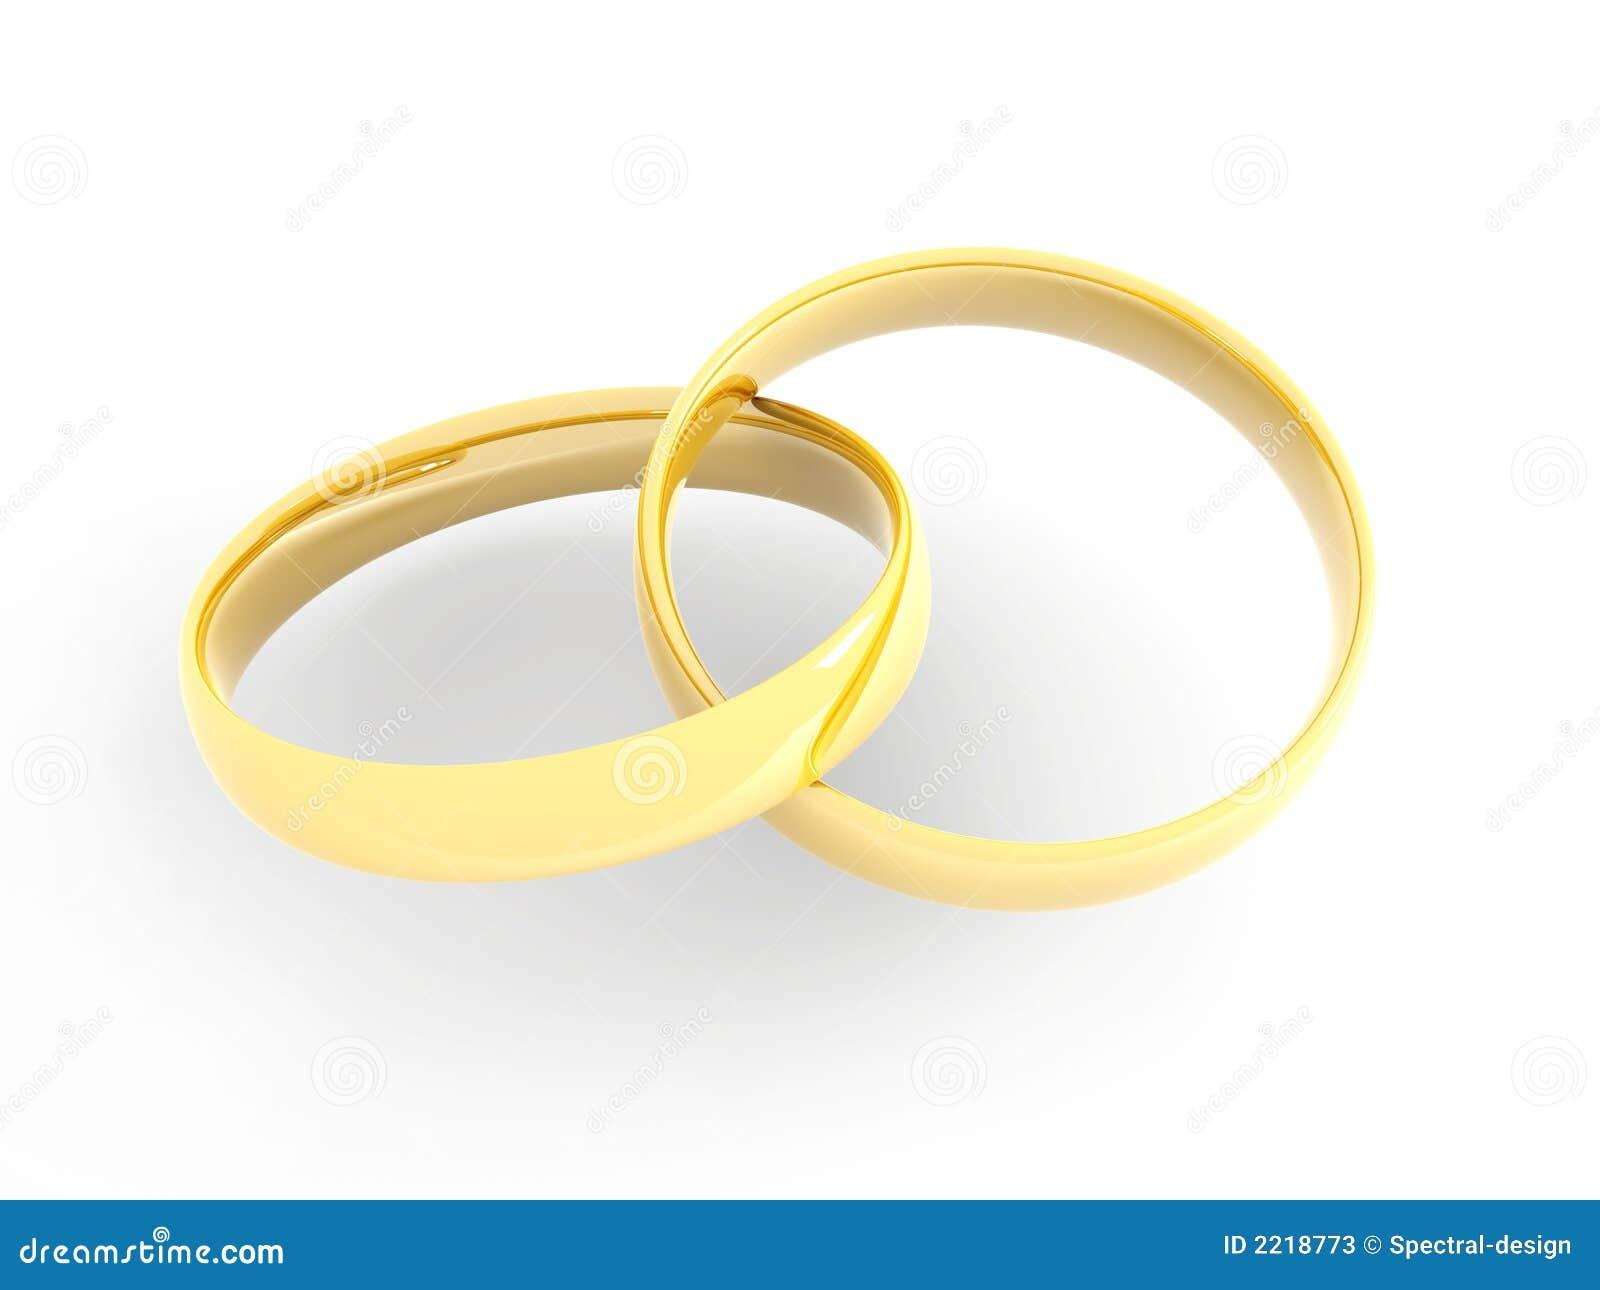 Goldene Hochzeits Ringe Stock Abbildung Illustration Von Nuptial